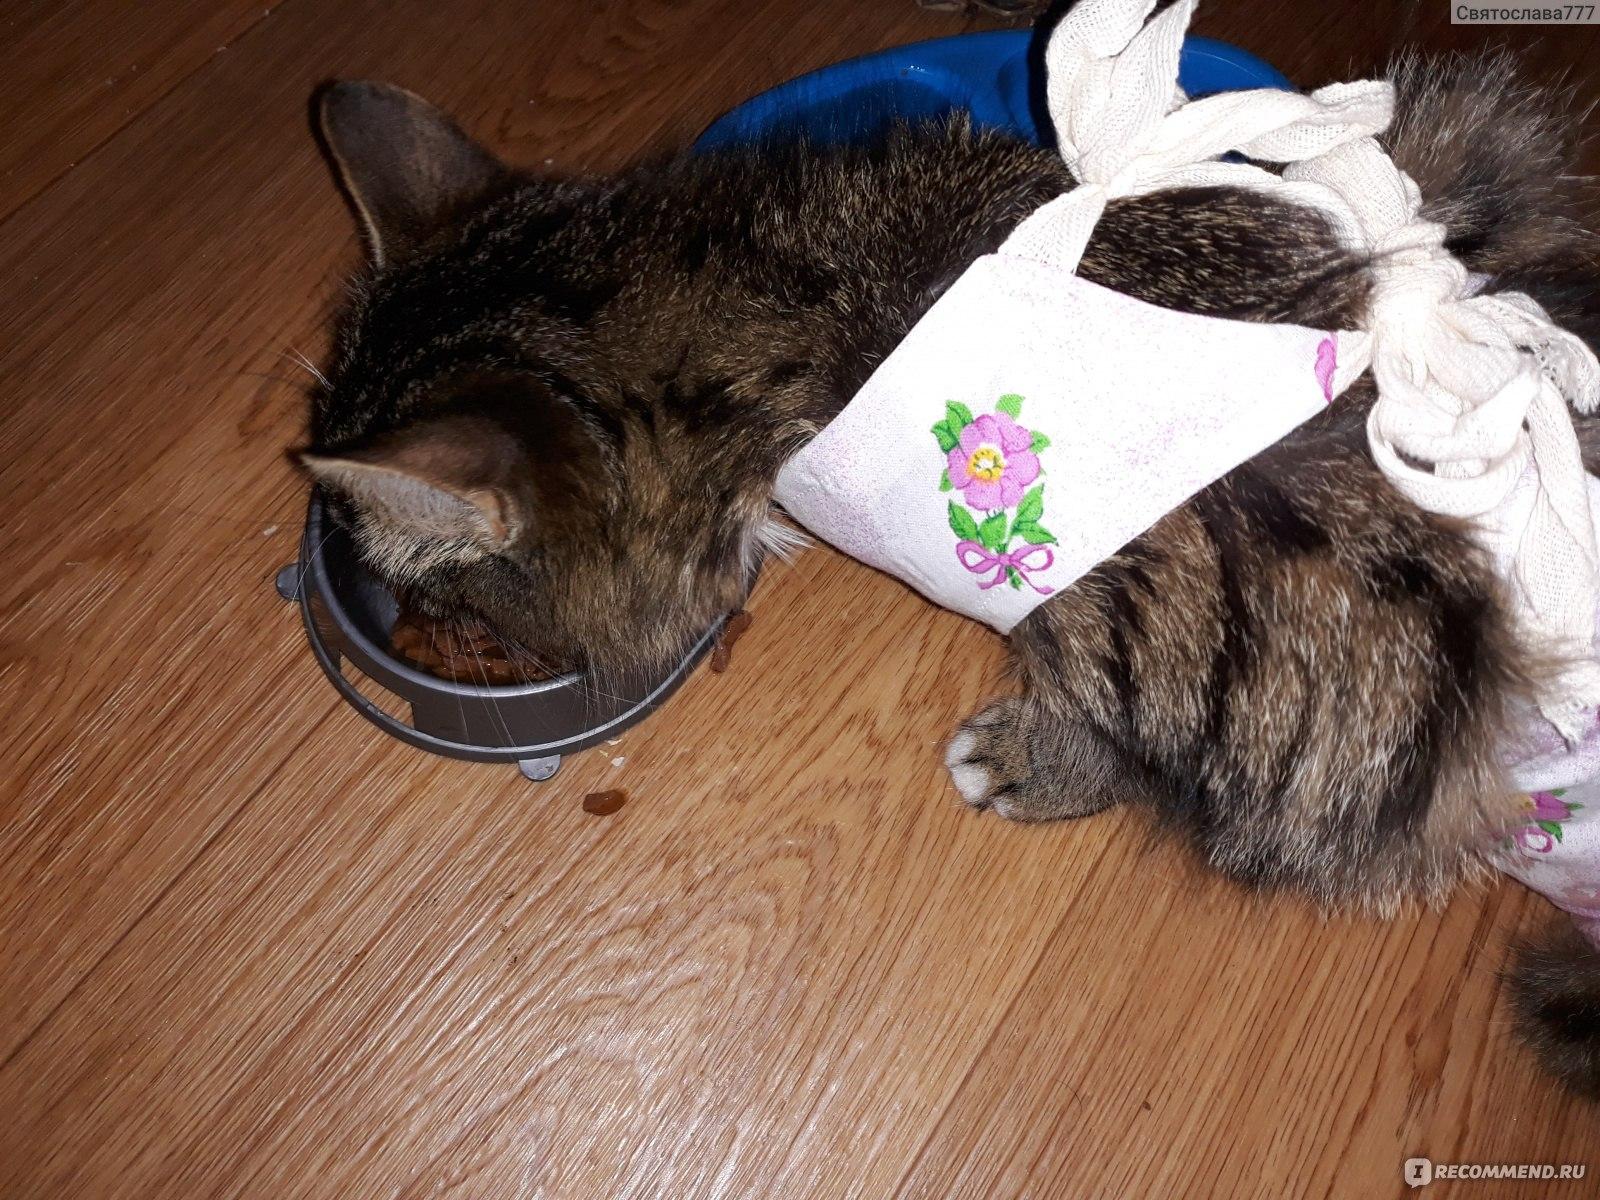 Кошка после стерилизации не ходит в туалет: возможные причины